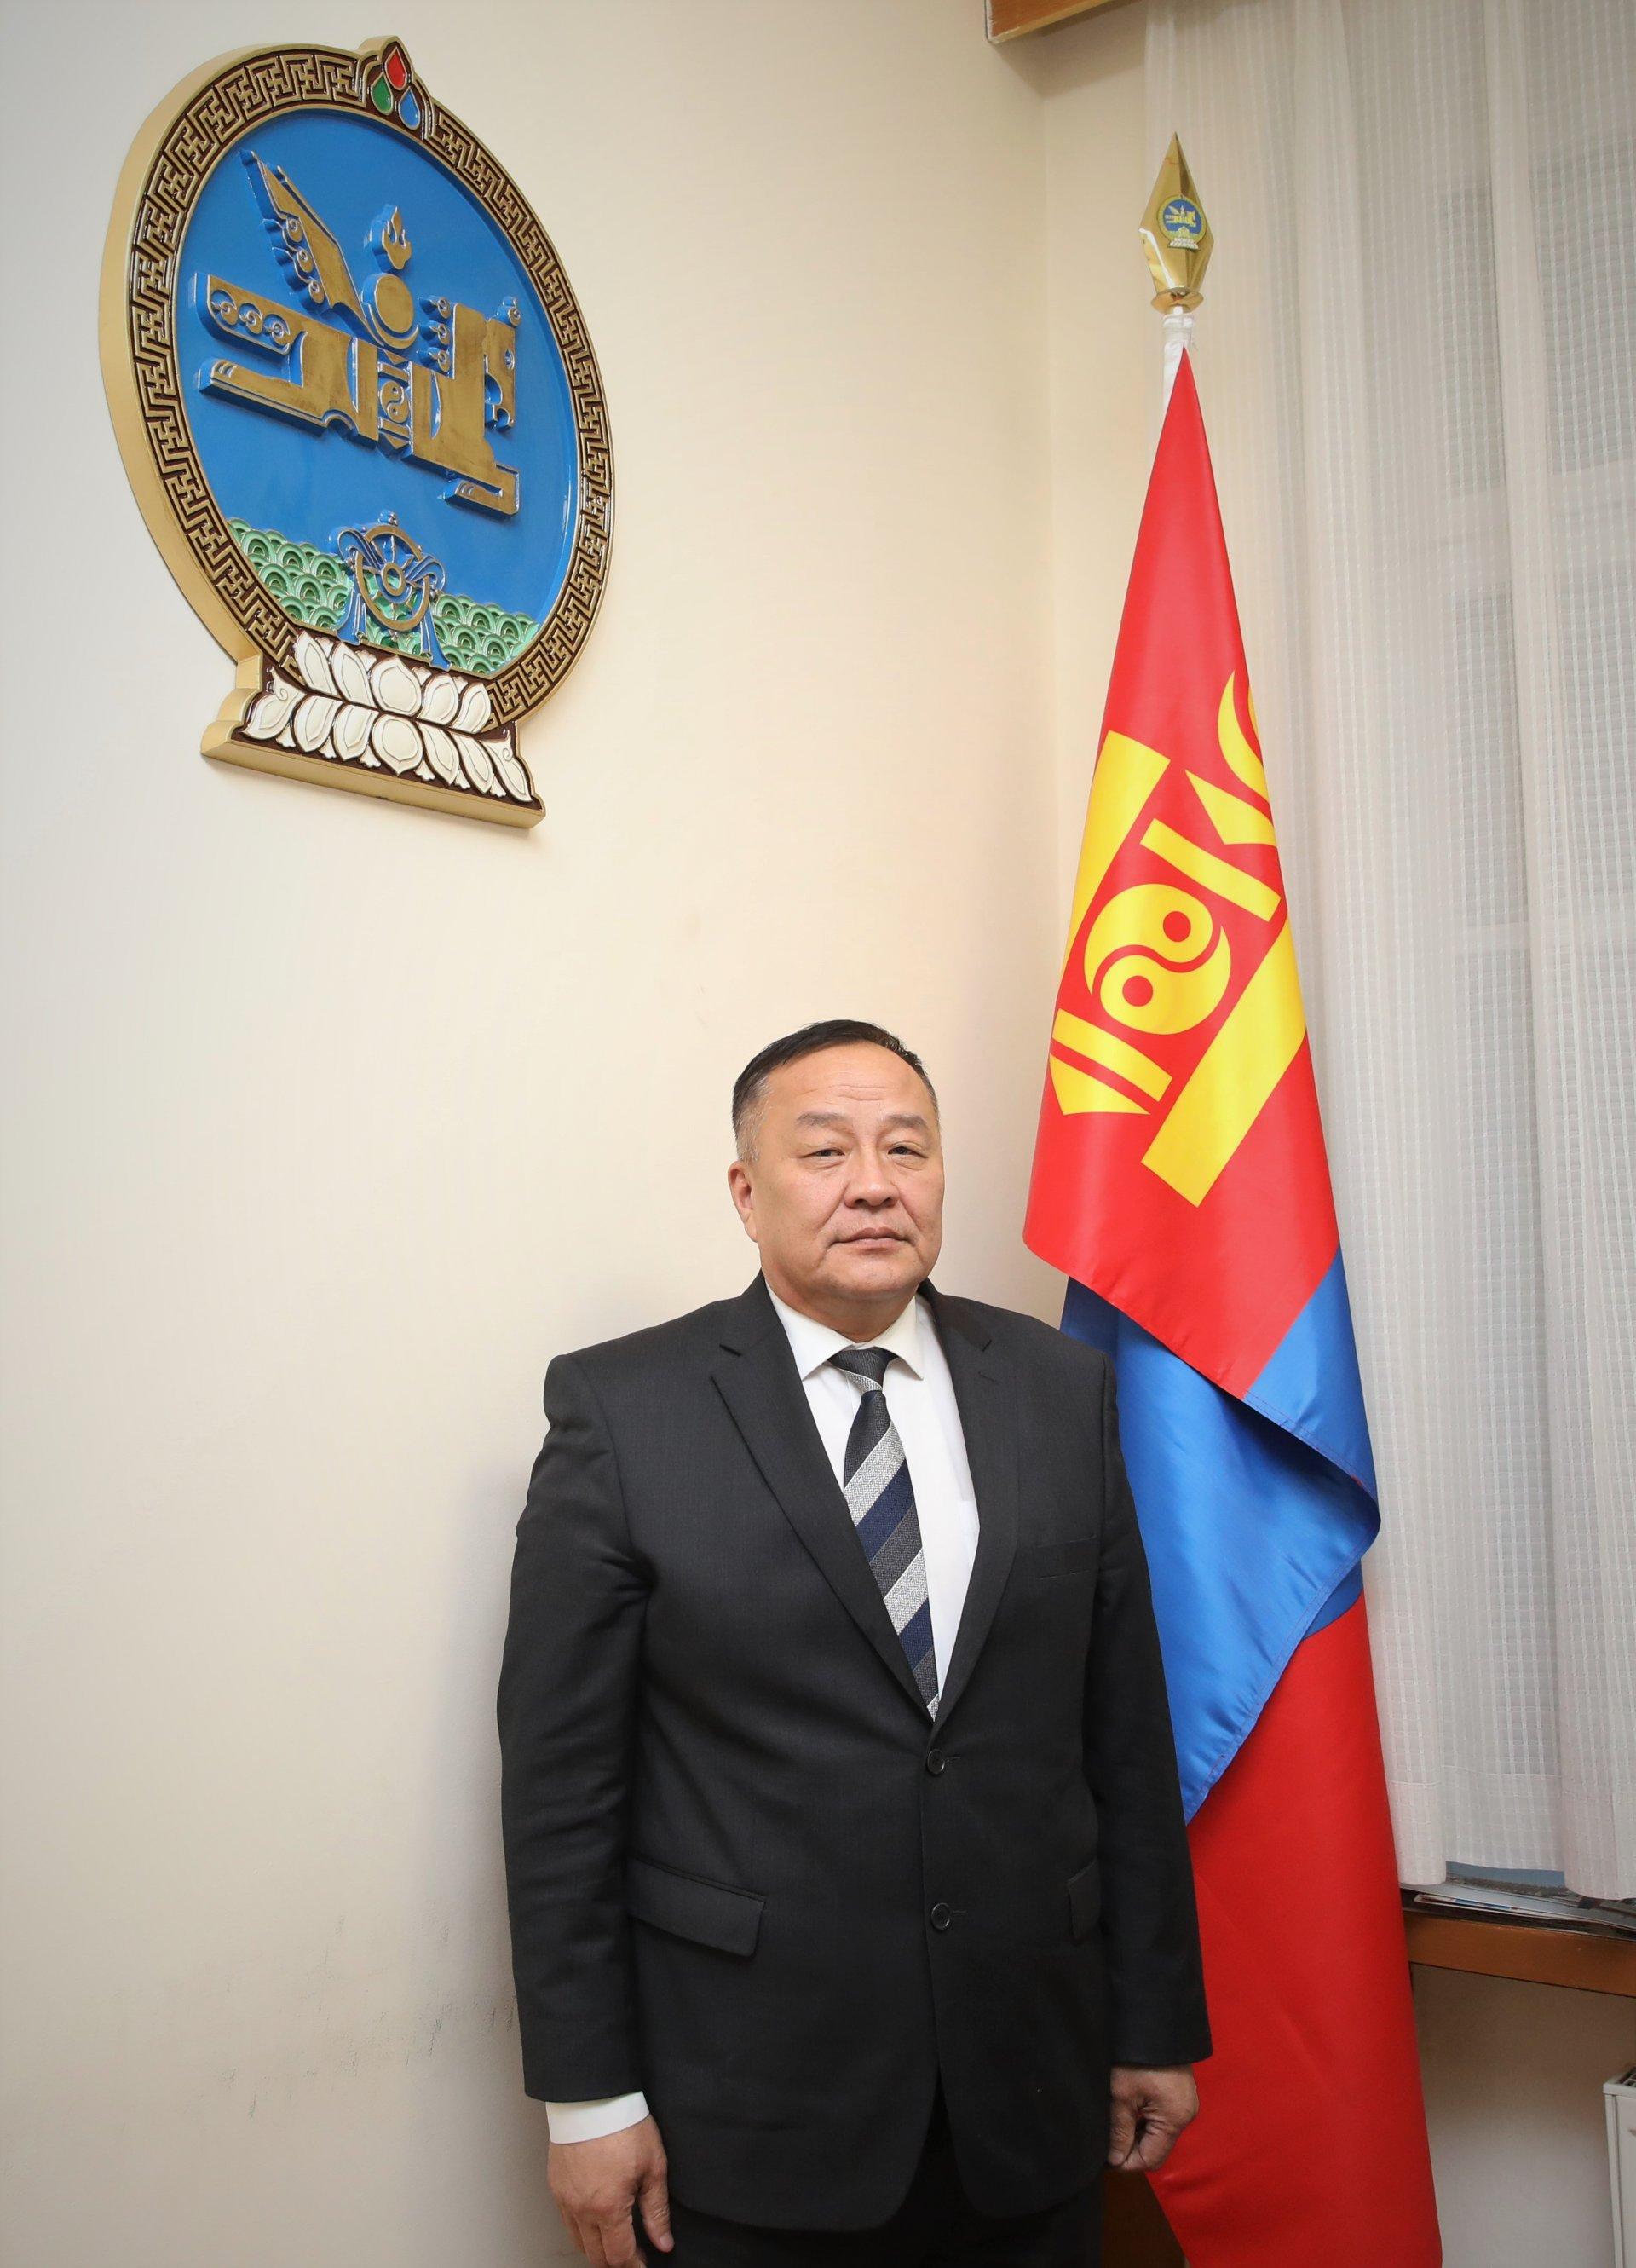 Монгол Улсаас Оросын Холбооны Улсад суух Онц бөгөөд Бүрэн эрхт Элчин сайдаар Дуламсүрэнгийн Давааг томиллоо